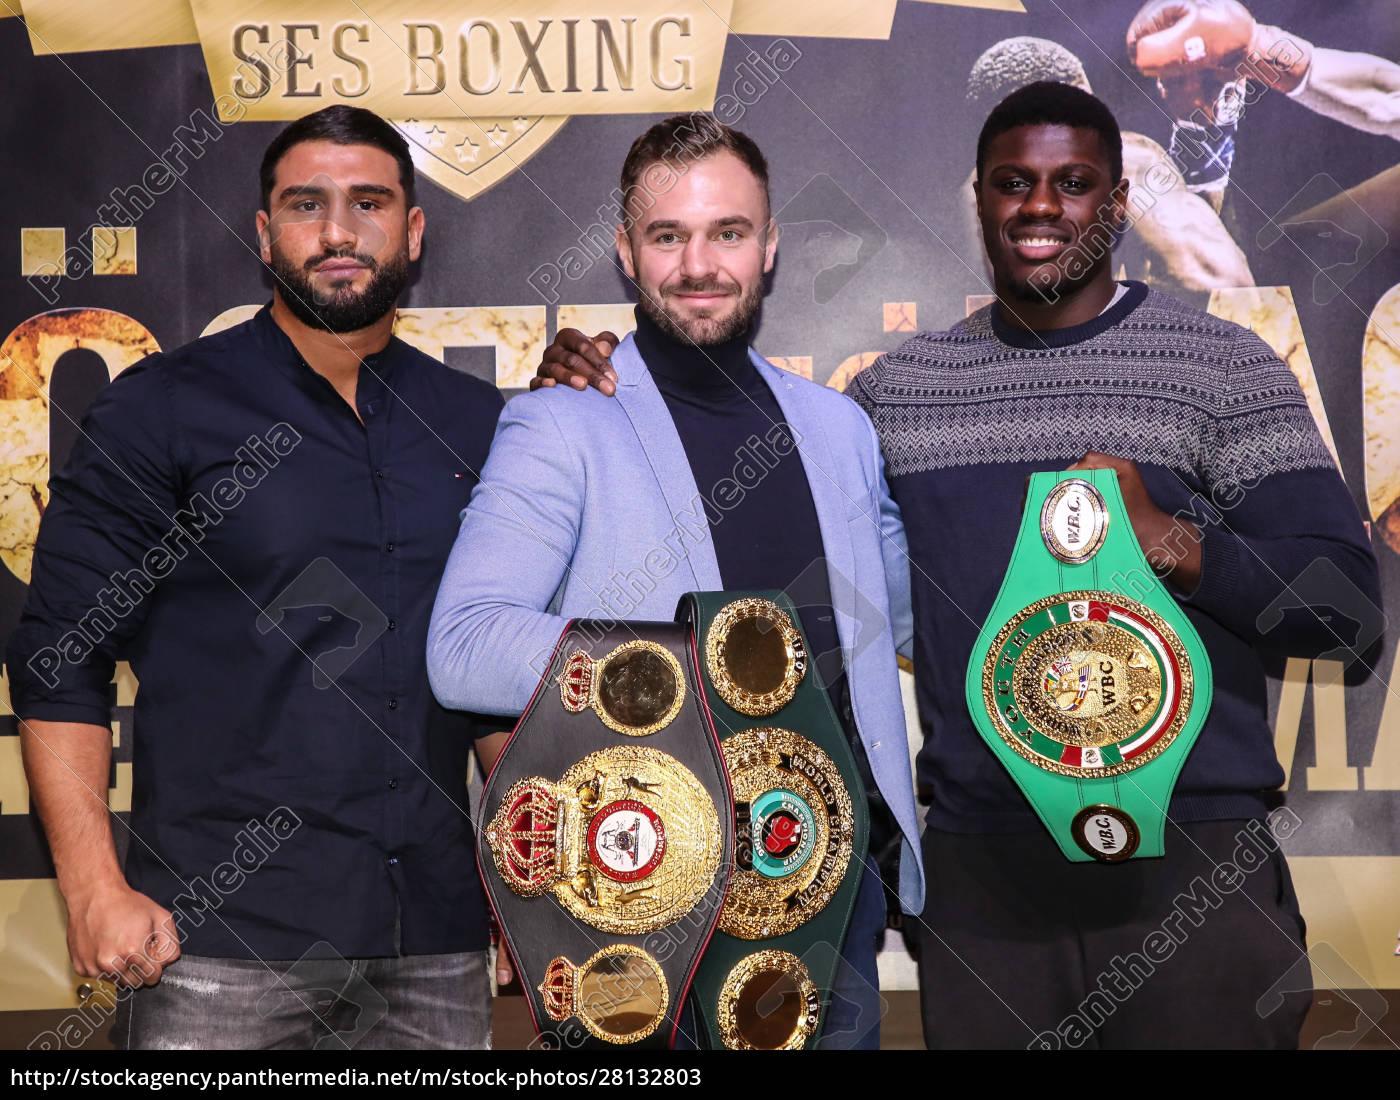 niemiecki, bokser, wagi, ciężkiej, agit, kabayel - 28132803